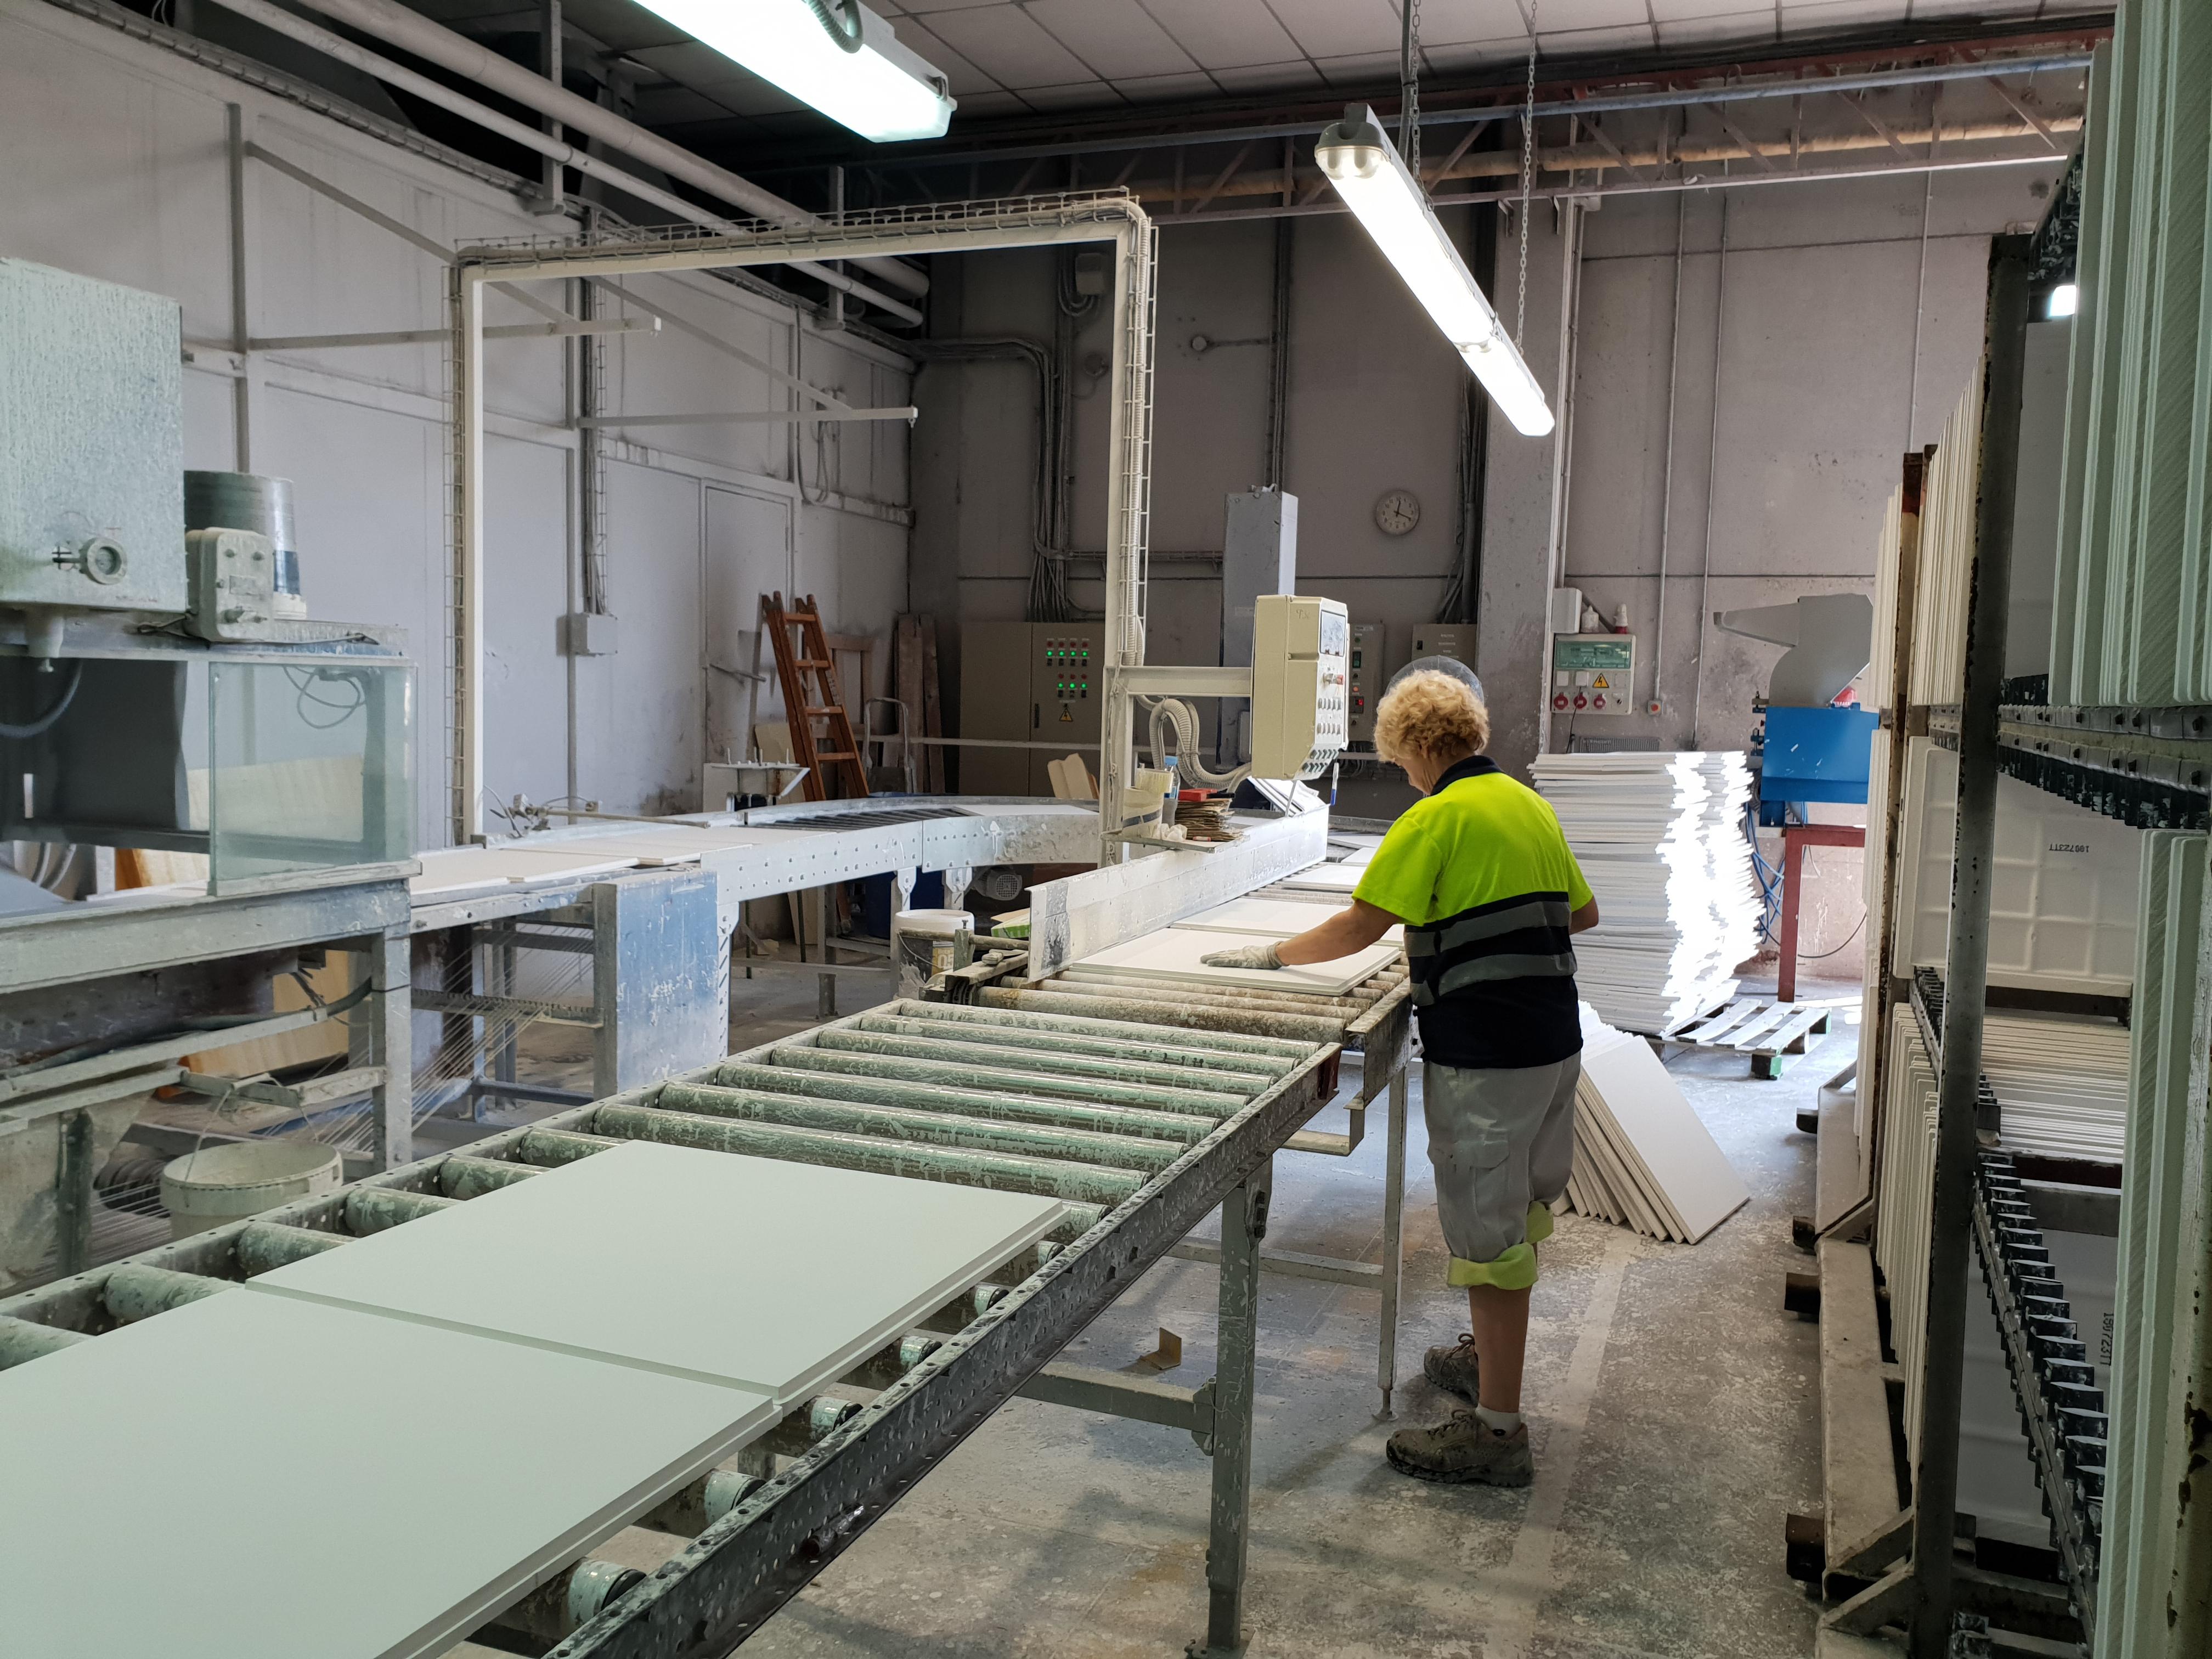 Visita de Exergy a las Instalaciones de producción de Yesyforma Calidad